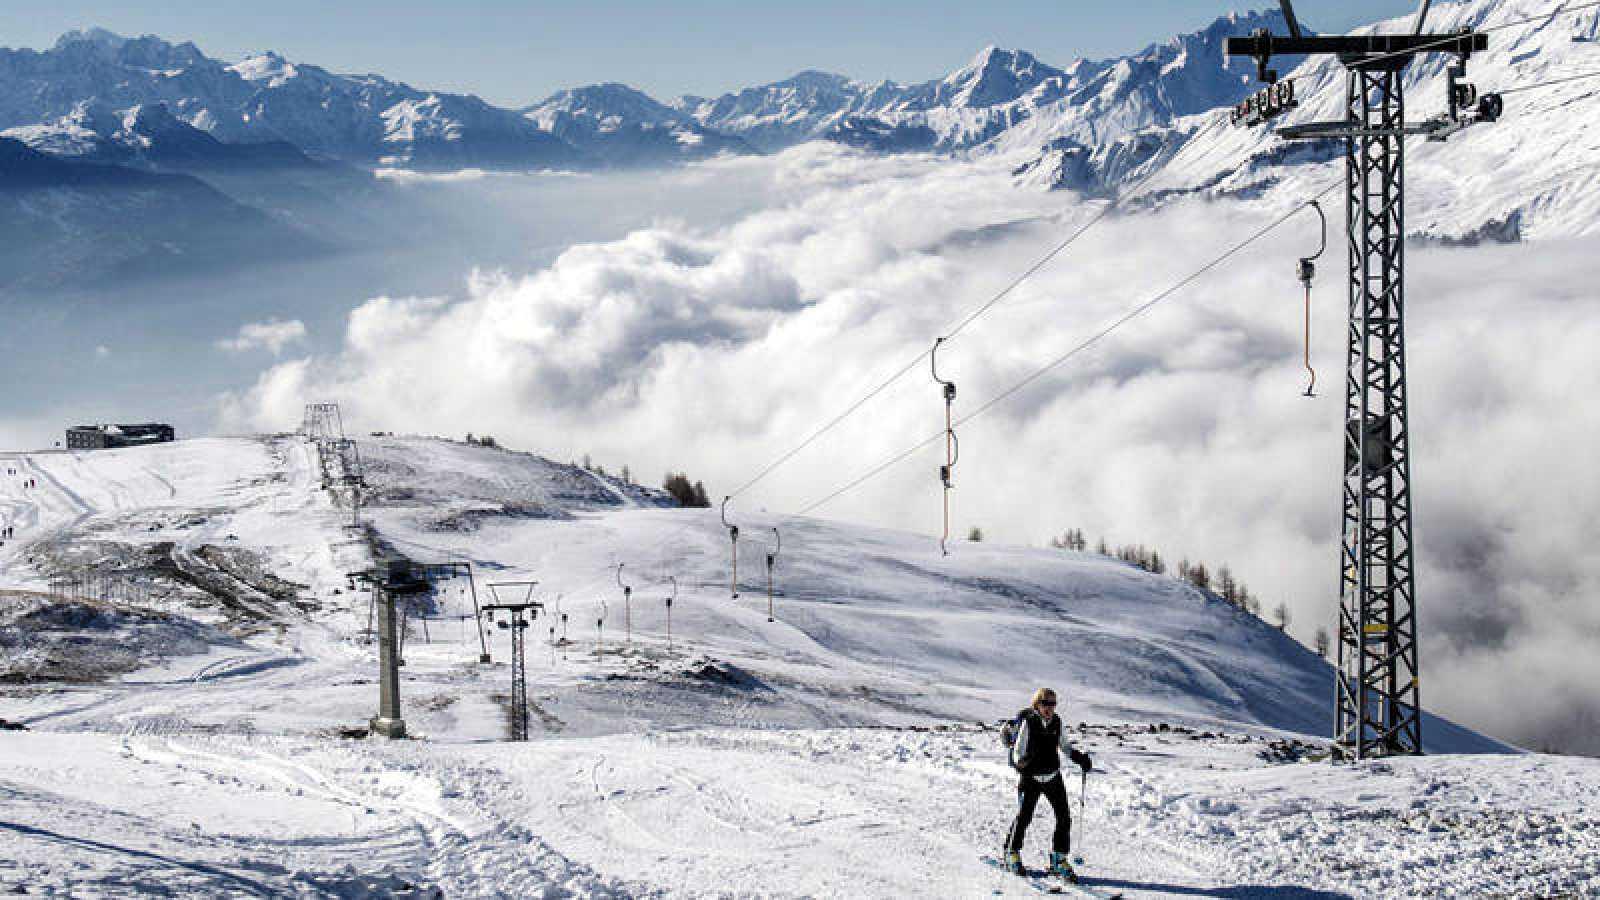 Vista de la estación de esquí de Crans-Montana, en Suiza.